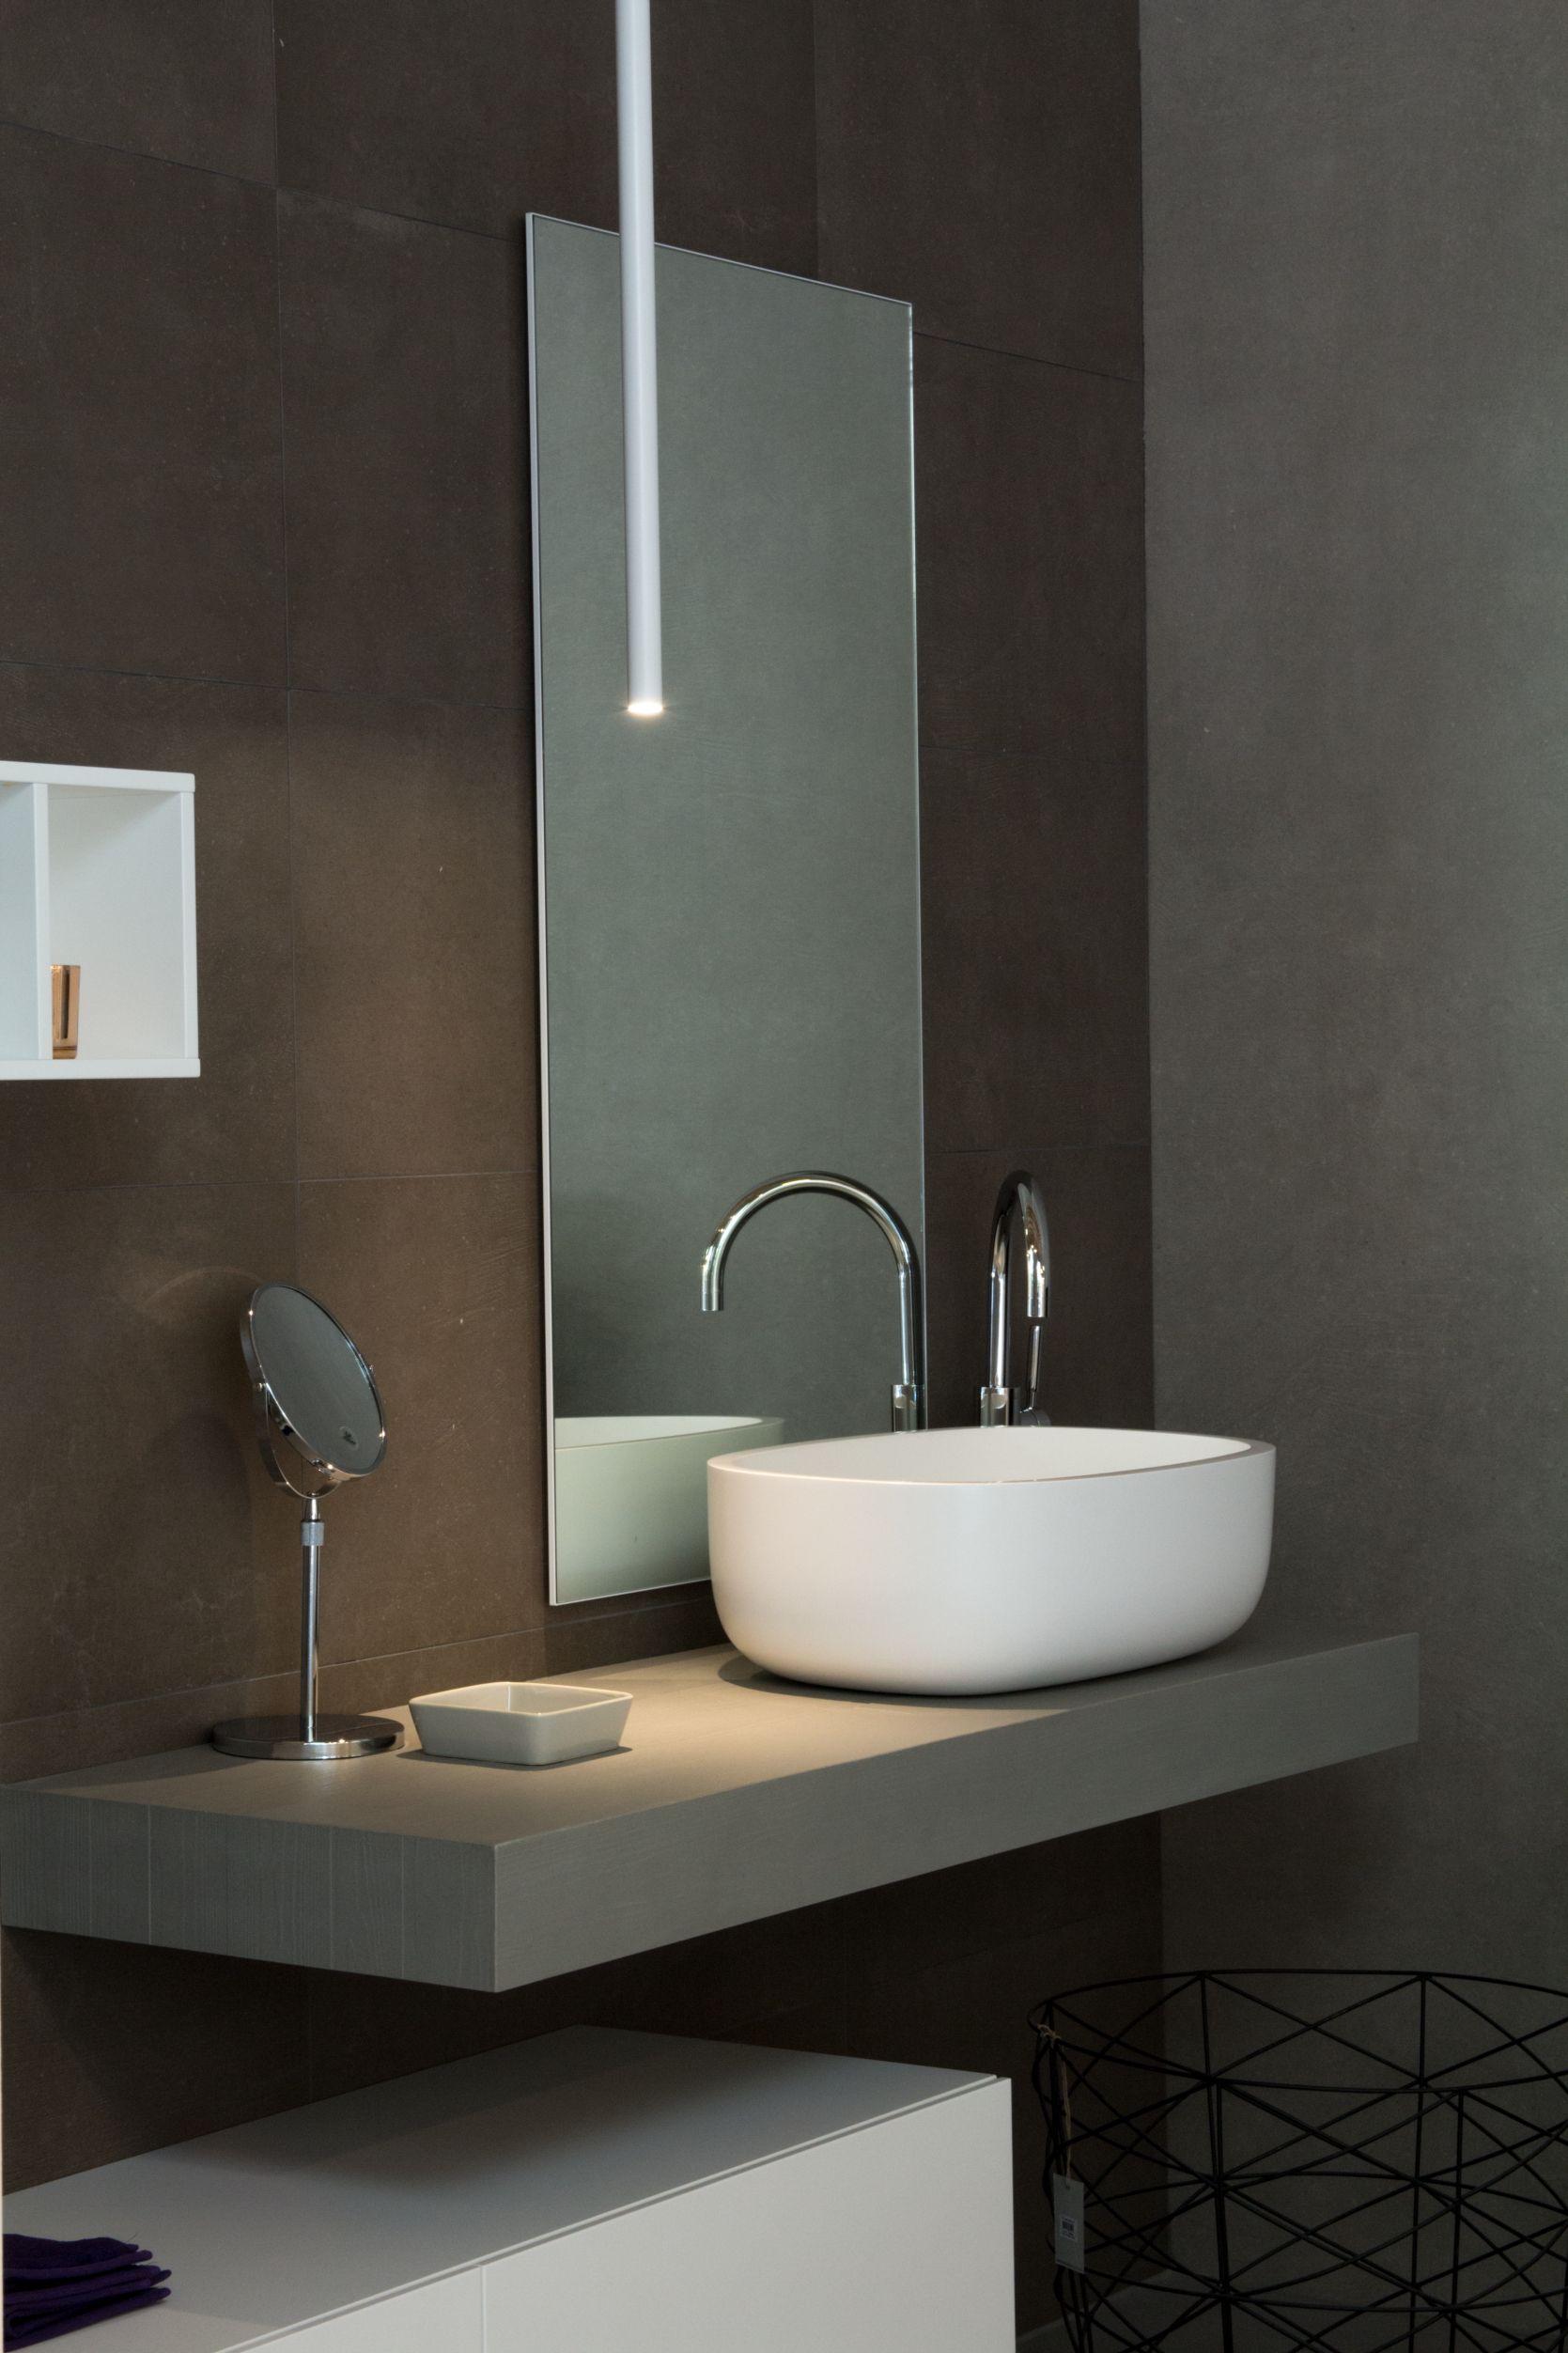 Die Idee Fur Die Badezimmer Gestaltung Mit Fliesen Eine Individuelle Waschtisch Platte Fur Ein Edles Aufsatzwaschbecken Badezimmer Waschtisch Gaste Wc Modern